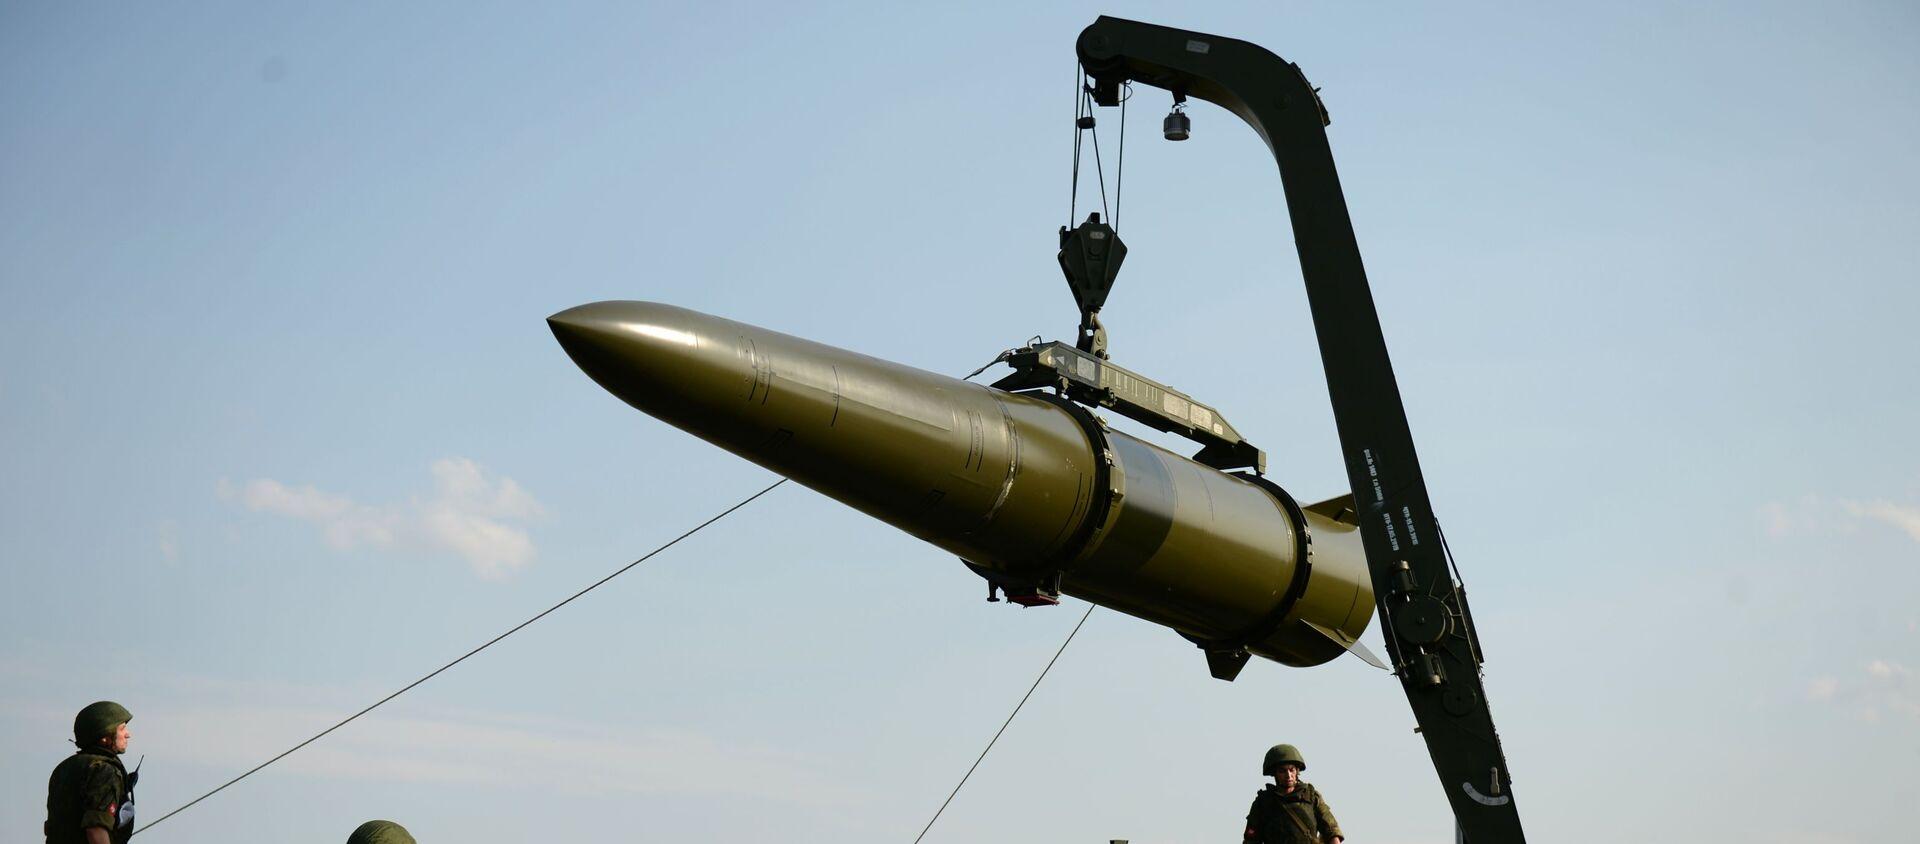 Развёртывание оперативно-тактического ракетного комплекса Искандер-М - Sputnik Армения, 1920, 14.08.2021